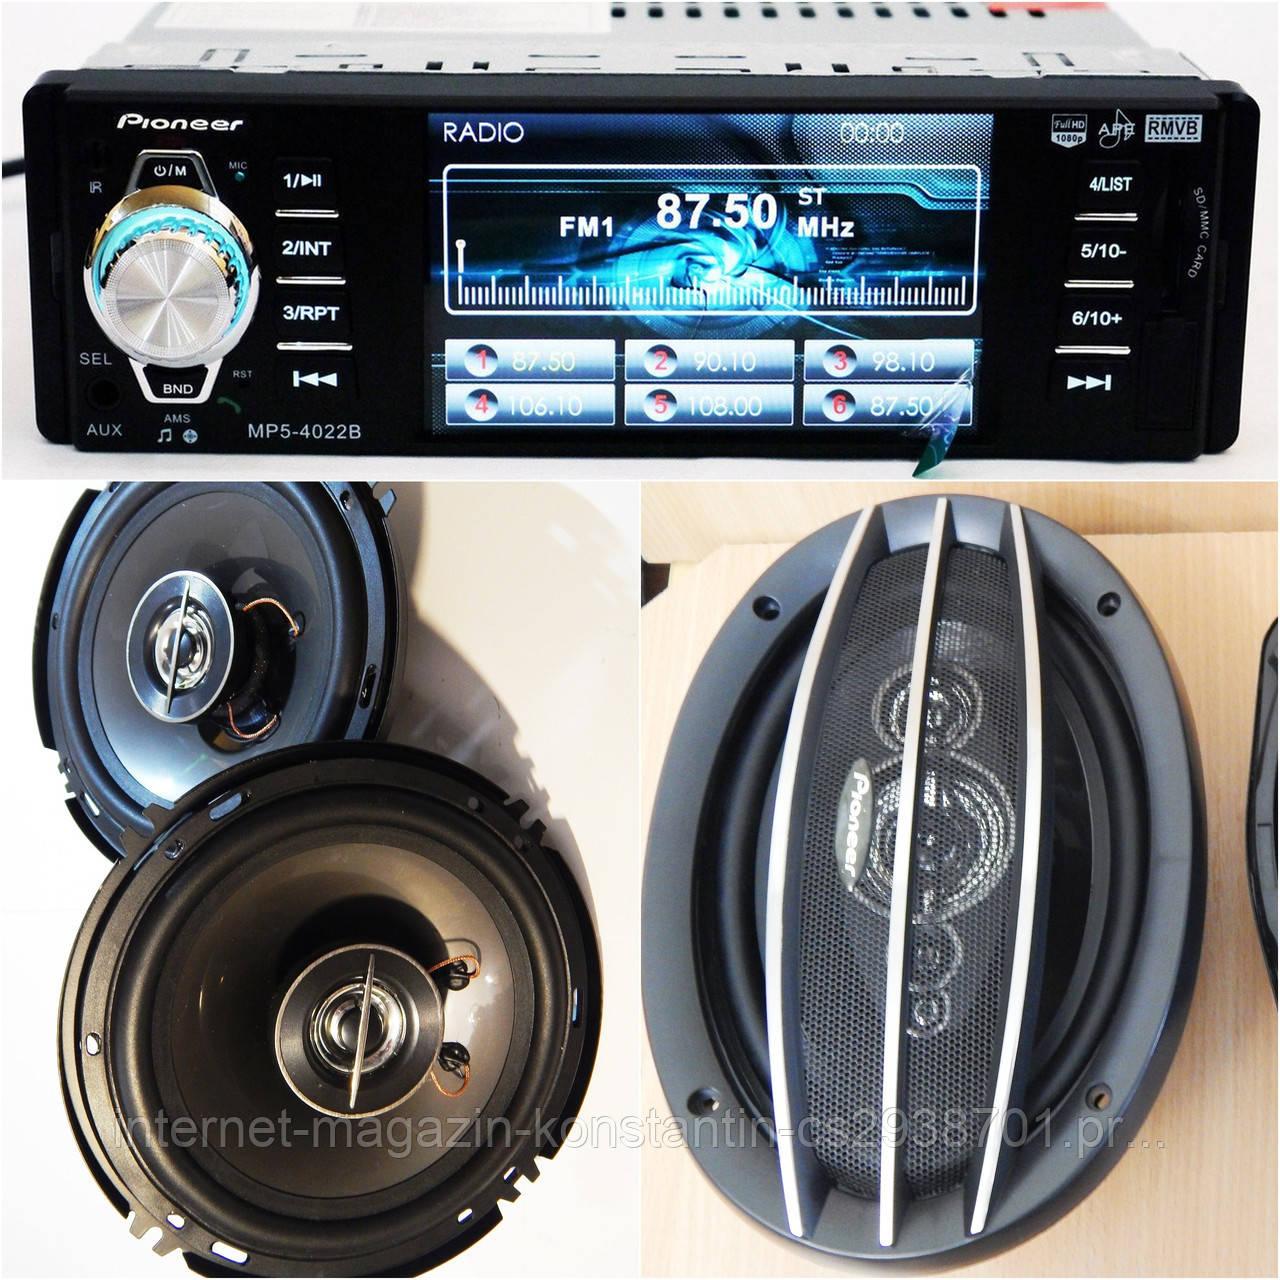 Набір Авто-звуку з МР4 ВІДЕО Магнітолою Pioneer 4022B + Овали 1000W + круглі 16 см 300W! НОВИНКА